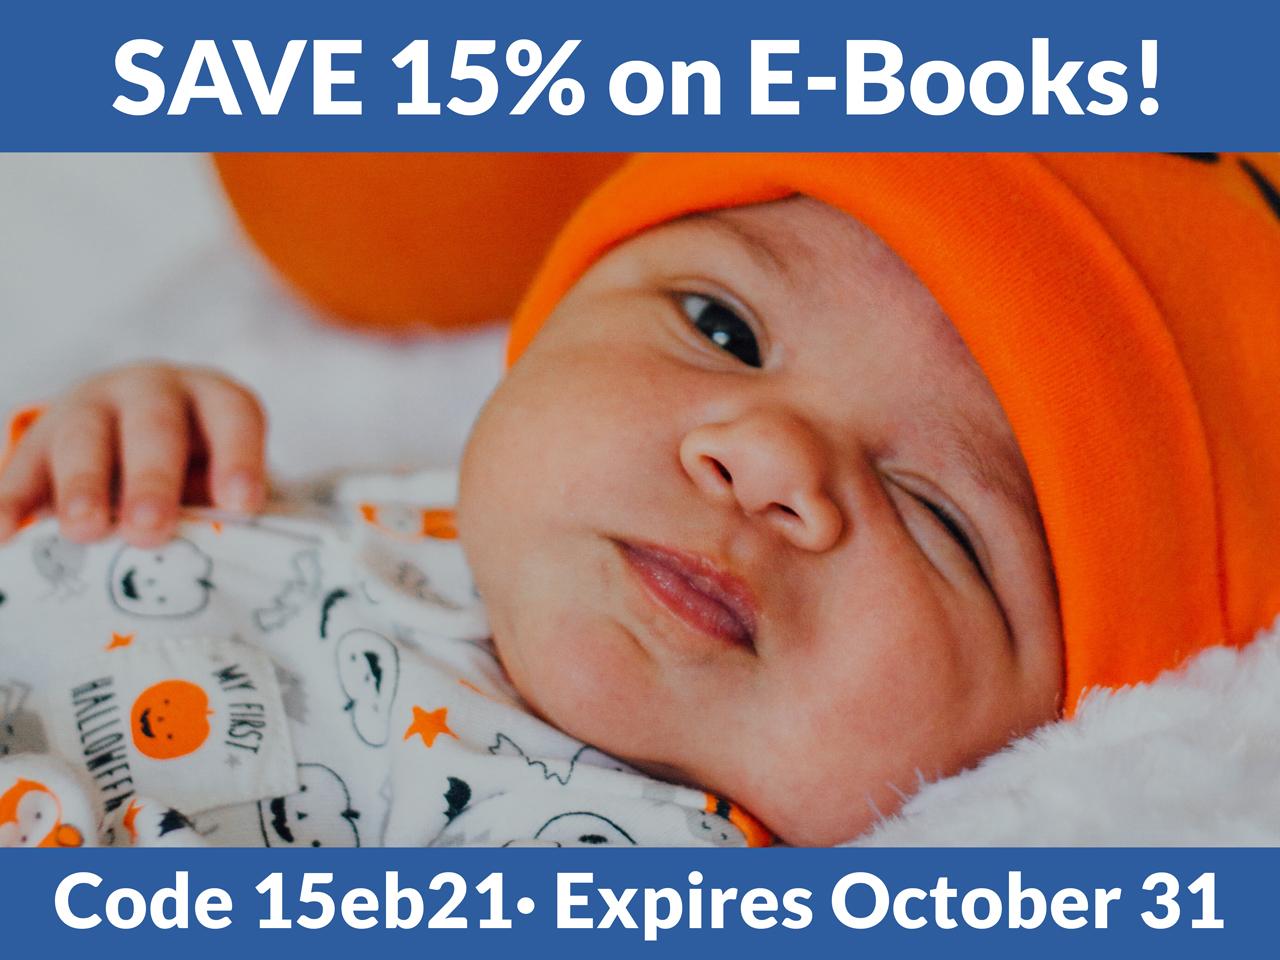 Save 15% on e-books